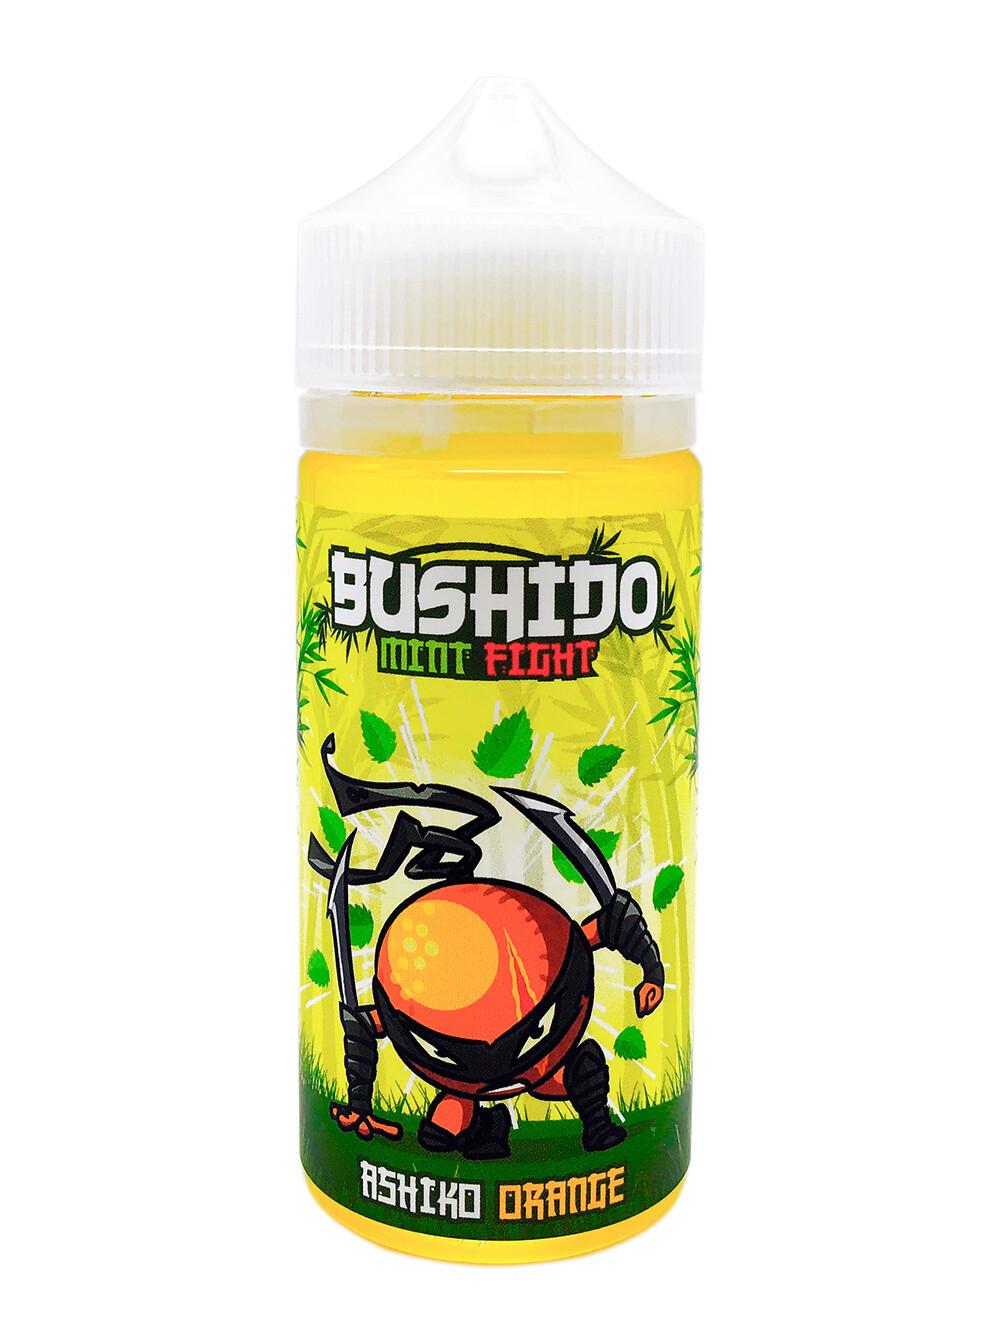 BUSHIDO MINT FIGHT: ASHIKO ORANGE 100ML 3MG